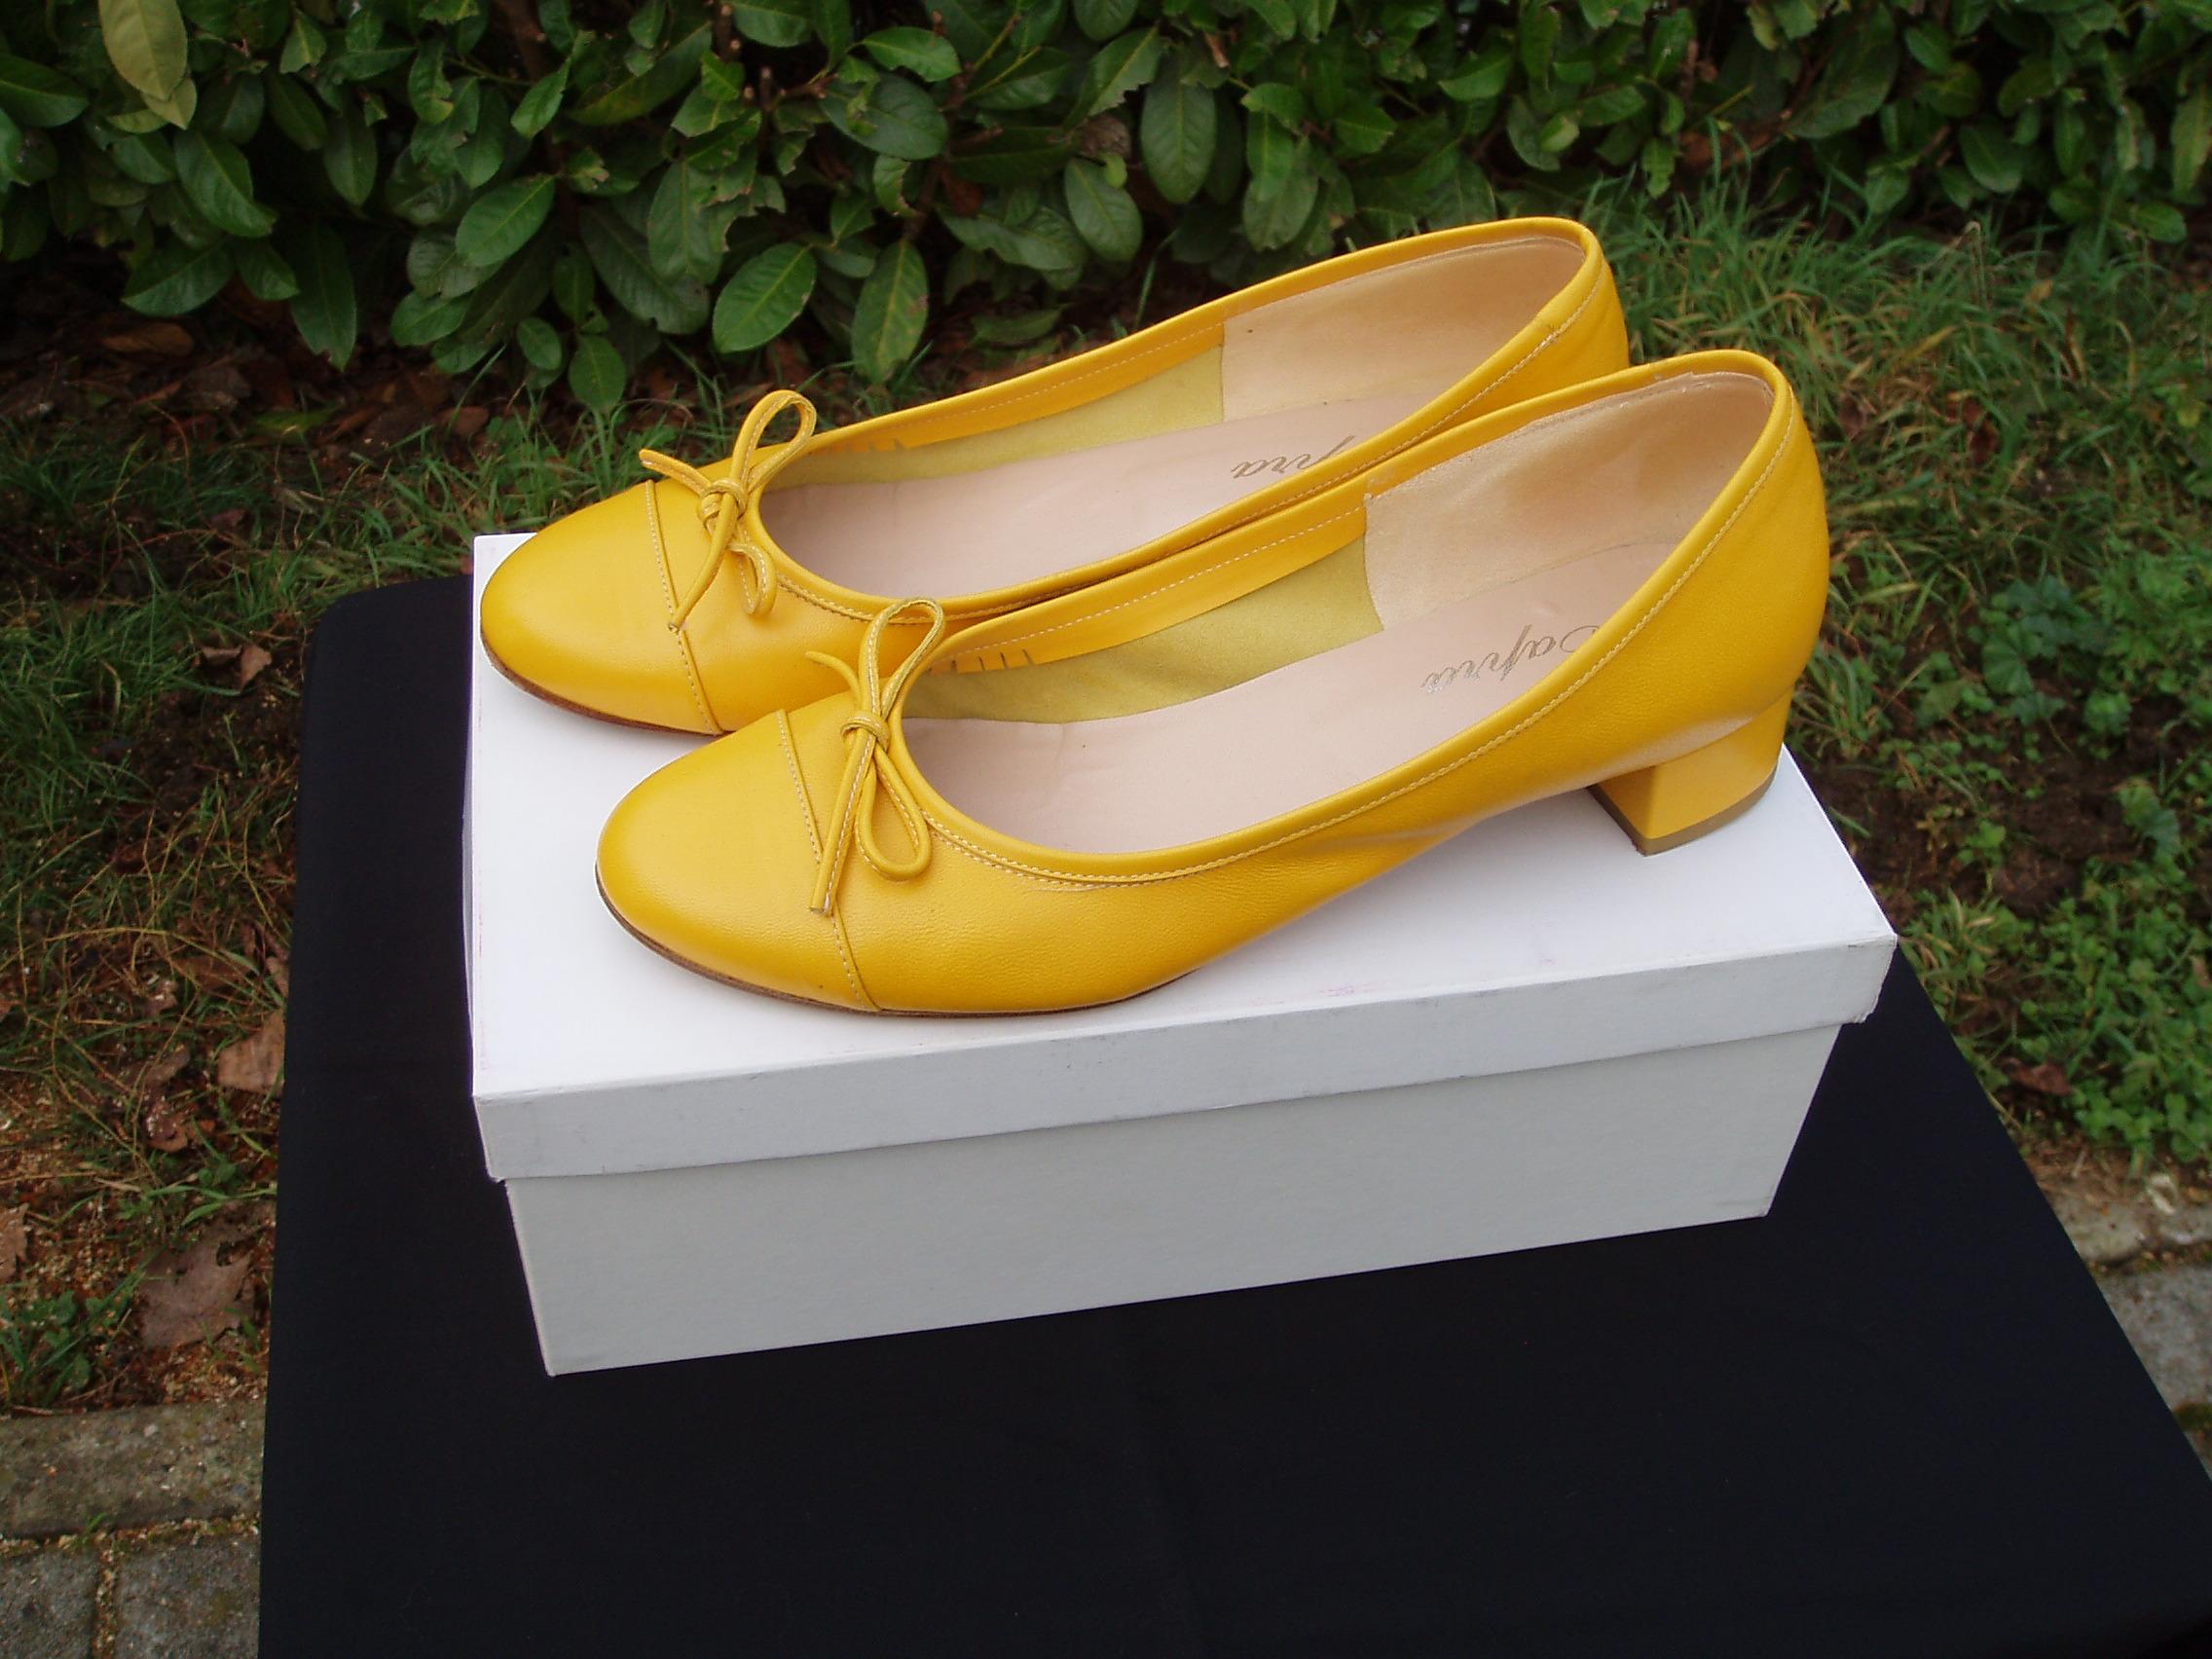 newest 010b8 286e1 scarpe gialle donna firmate – Il Tendone solidale mercatino ...